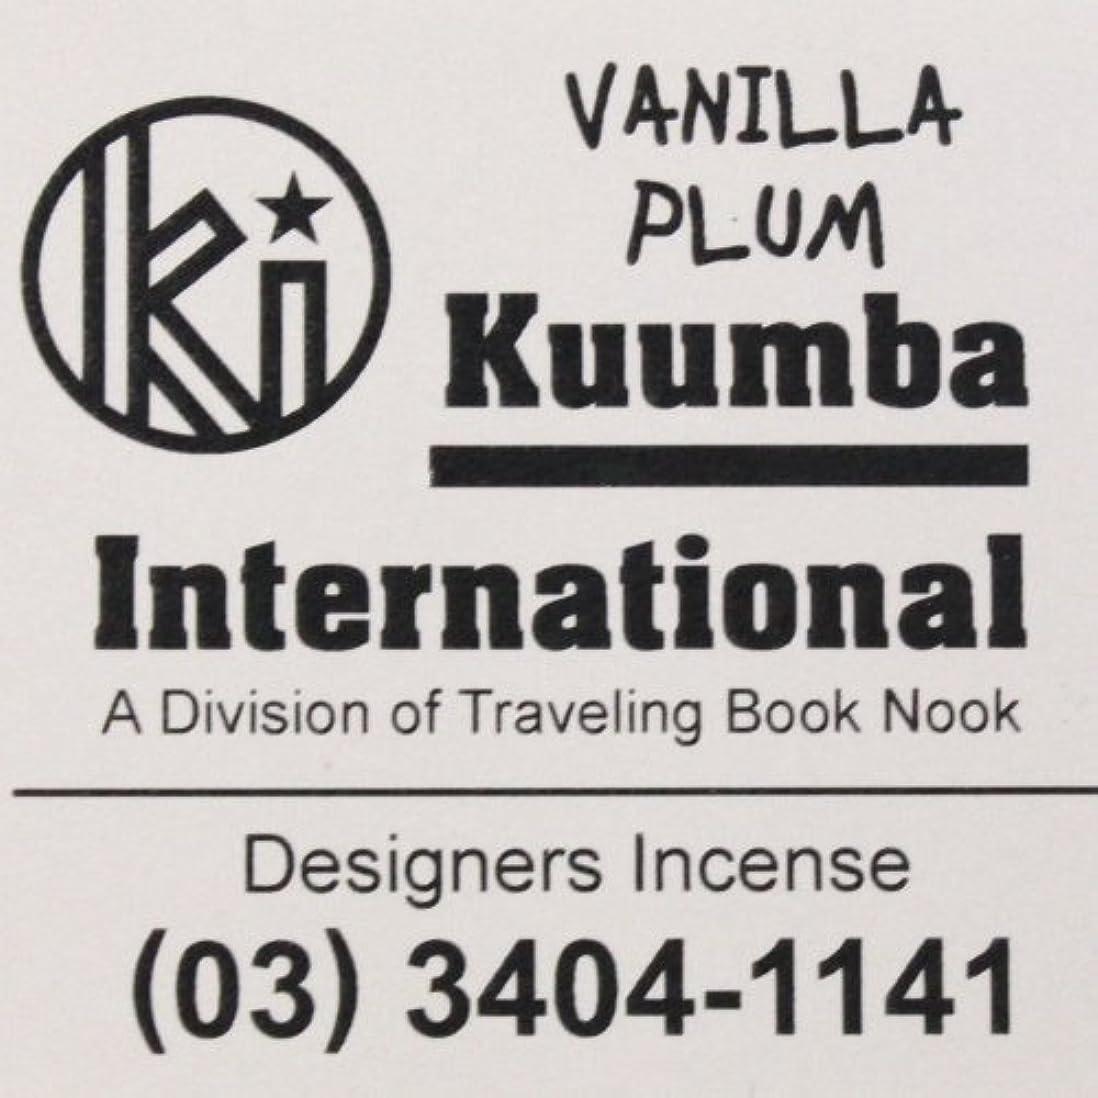 メンタリティペンス雑多なKUUMBA (クンバ)『incense』(VANILLA PLUM) (Regular size)